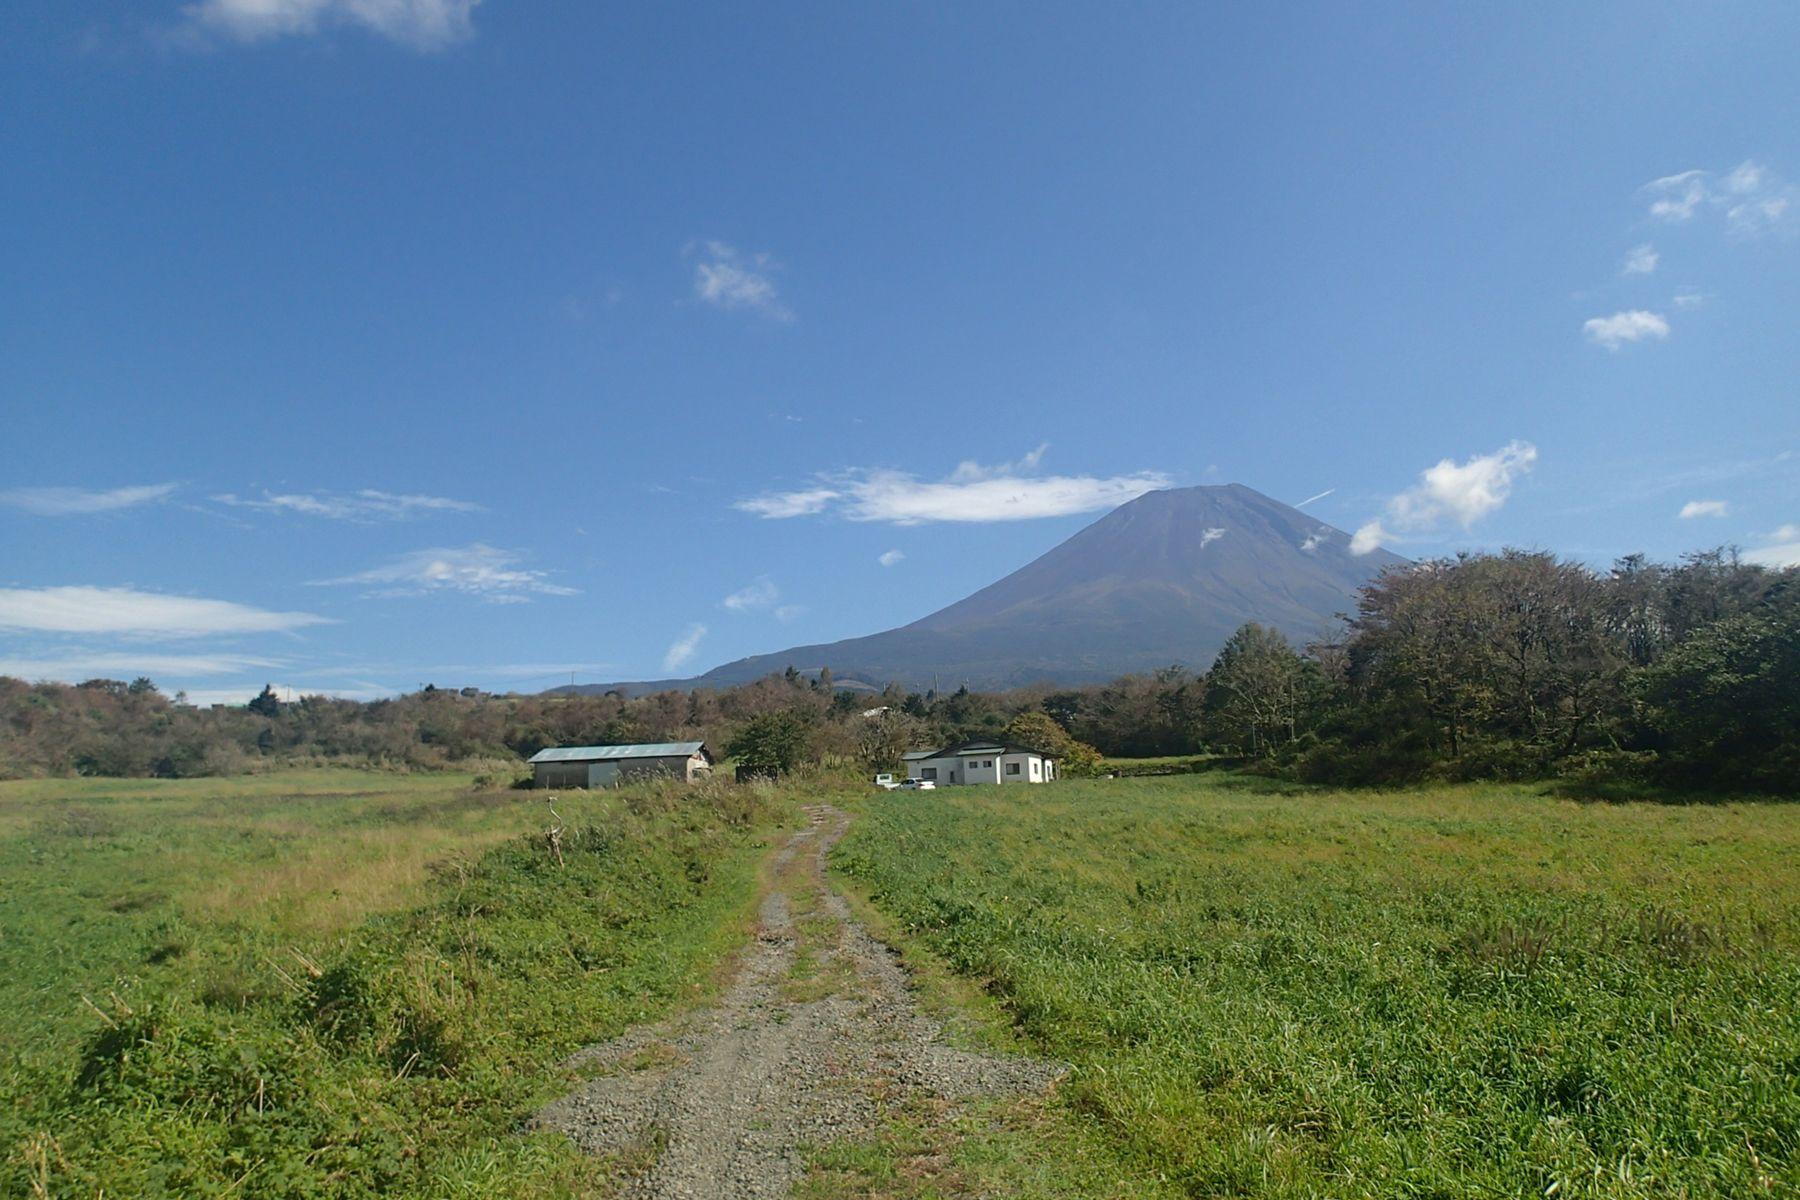 グリーンゲーブル富士ヶ嶺 (グリーンゲーブルフジガネ)平屋までの道